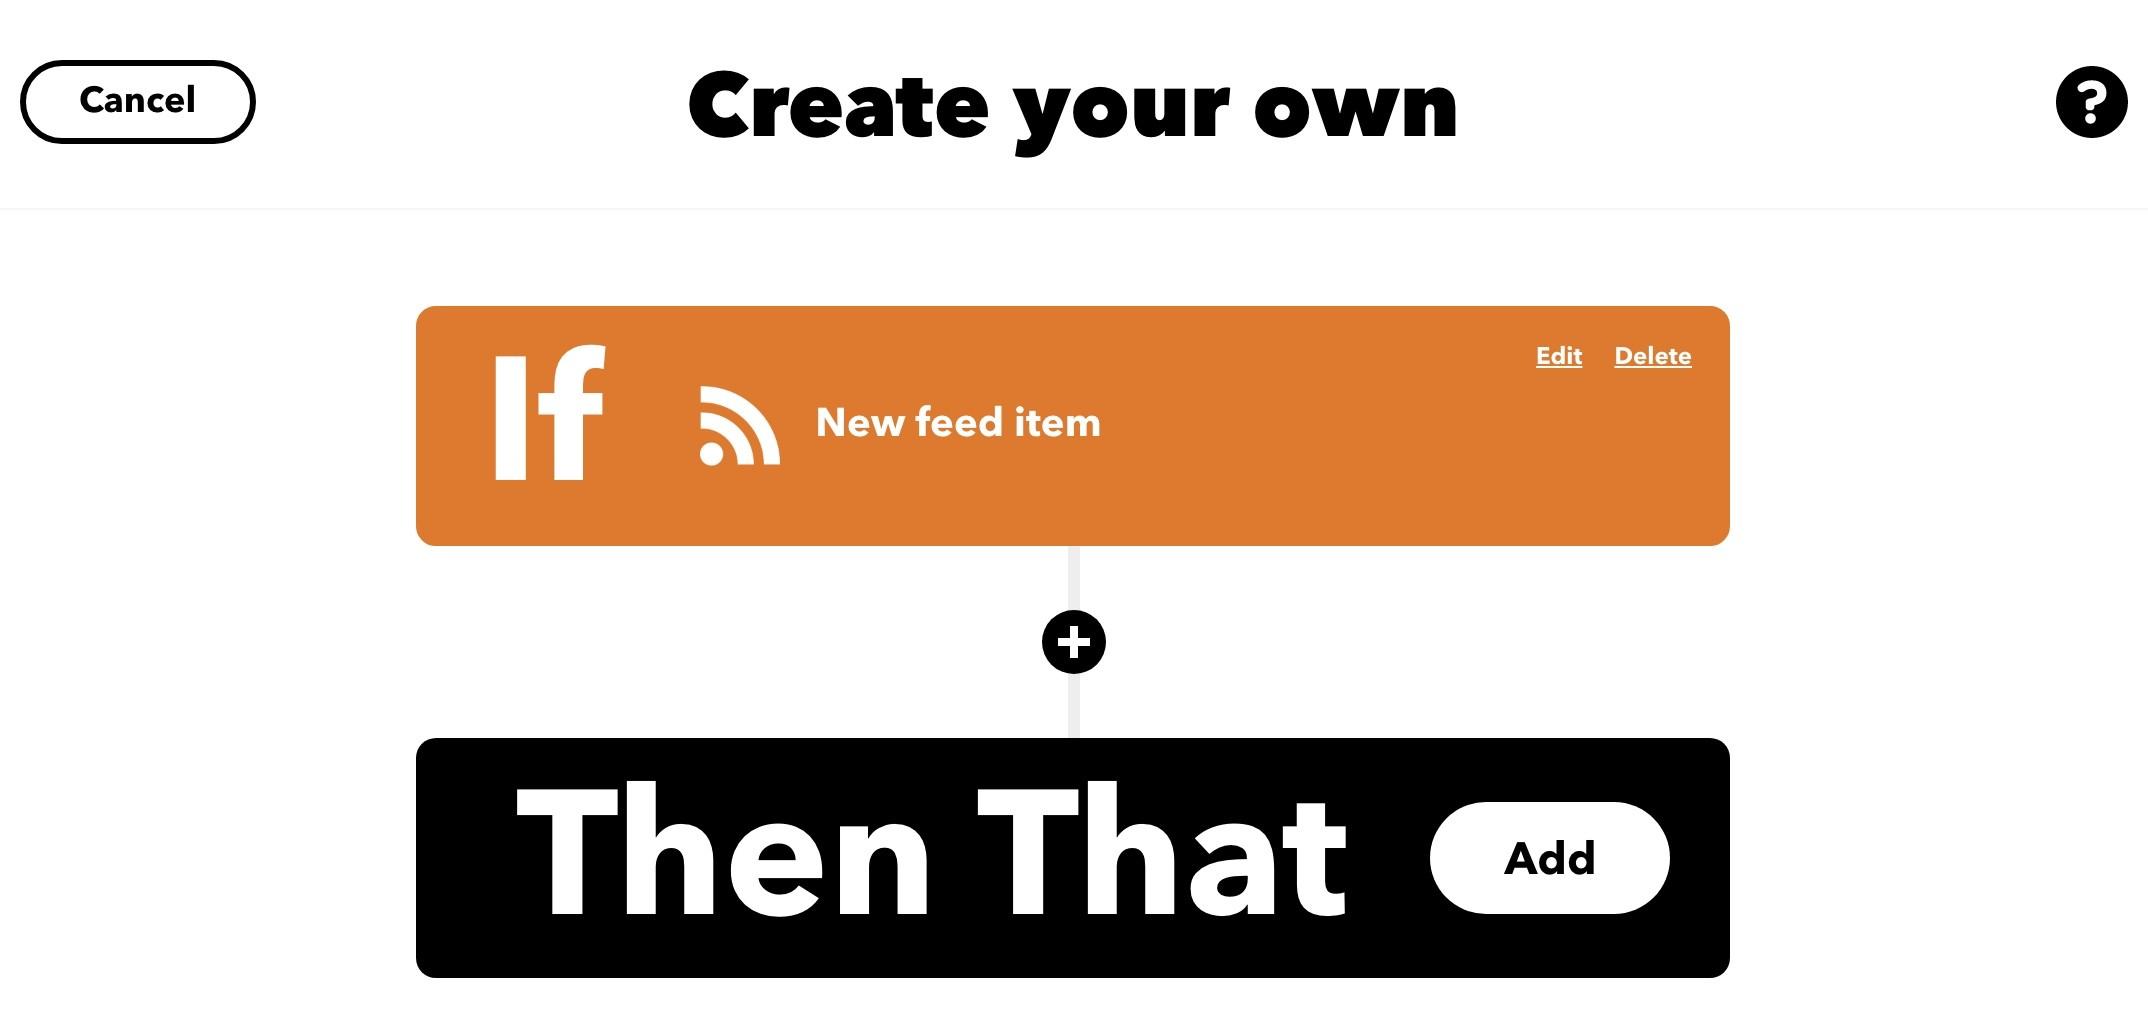 SEO und Social Marketing Automatisierung für Shopware 8 - Then that